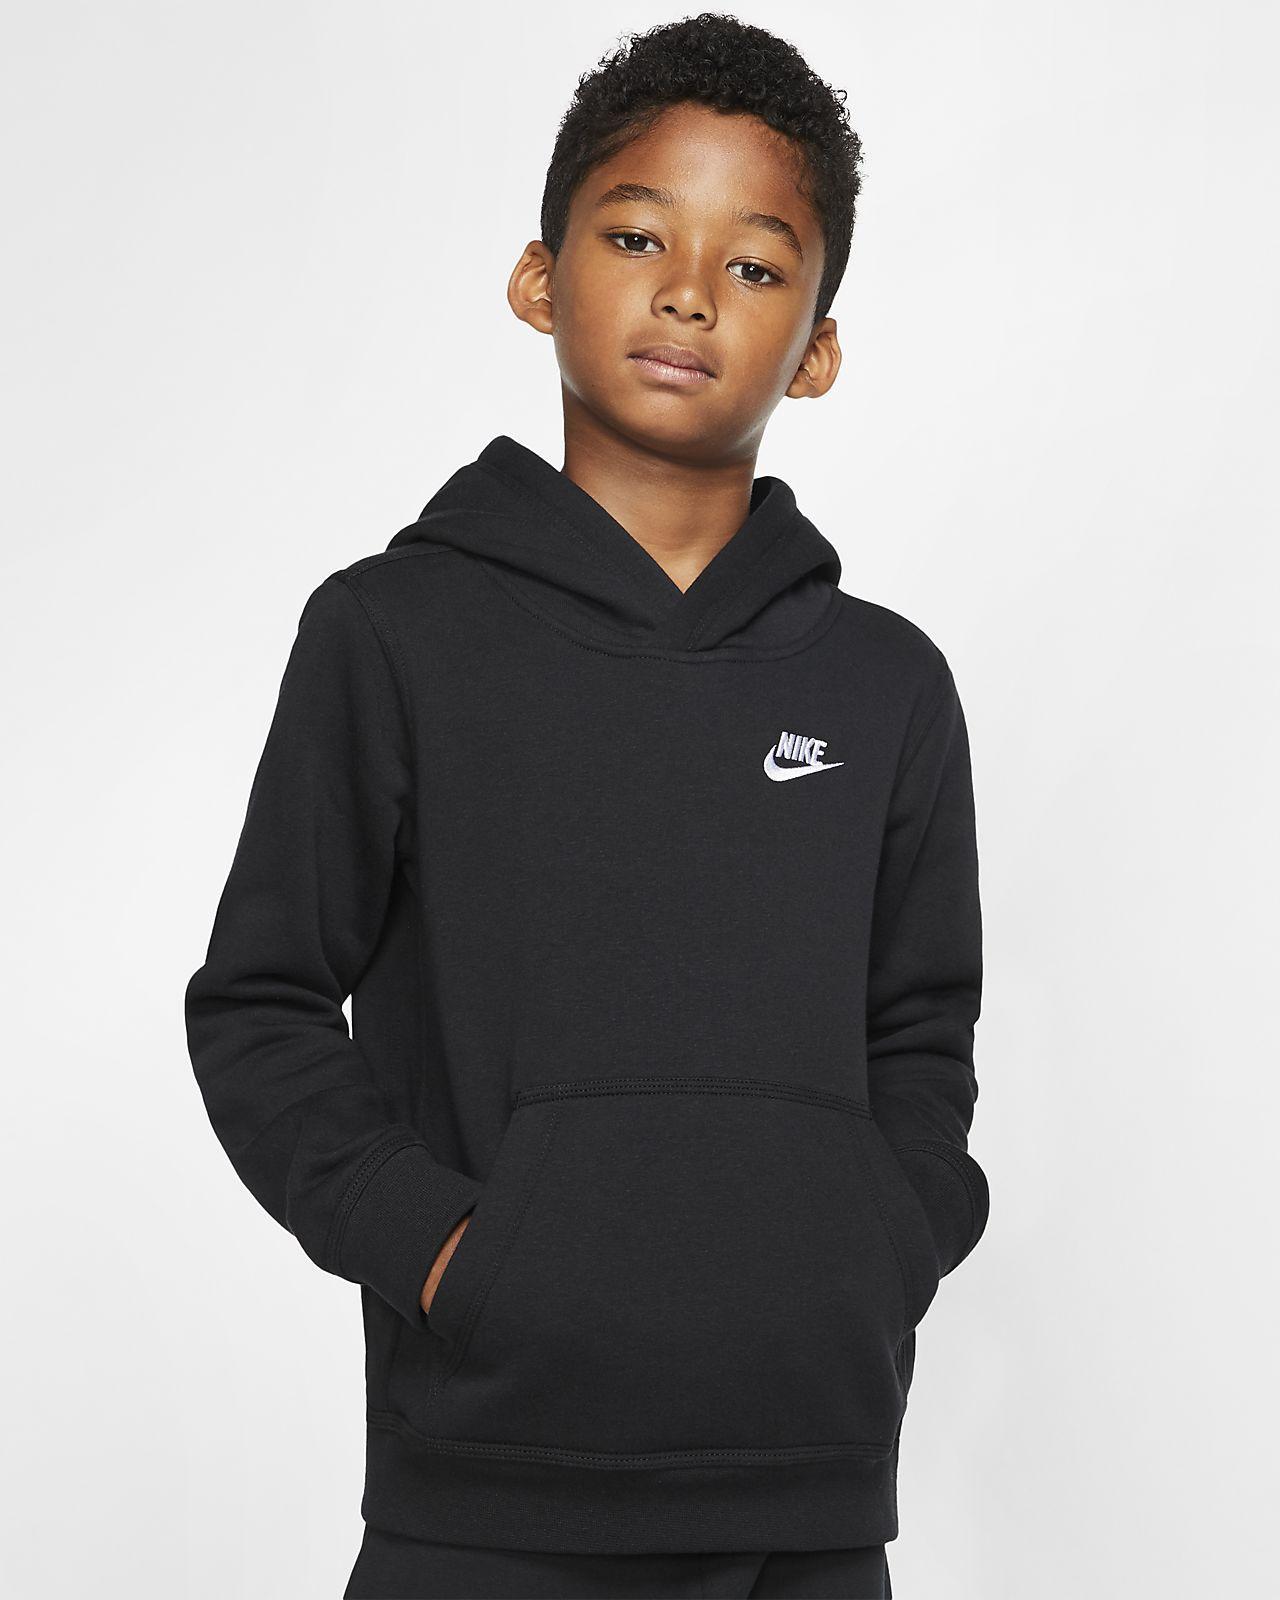 Μπλούζα με κουκούλα Nike Sportswear Club για μεγάλα παιδιά